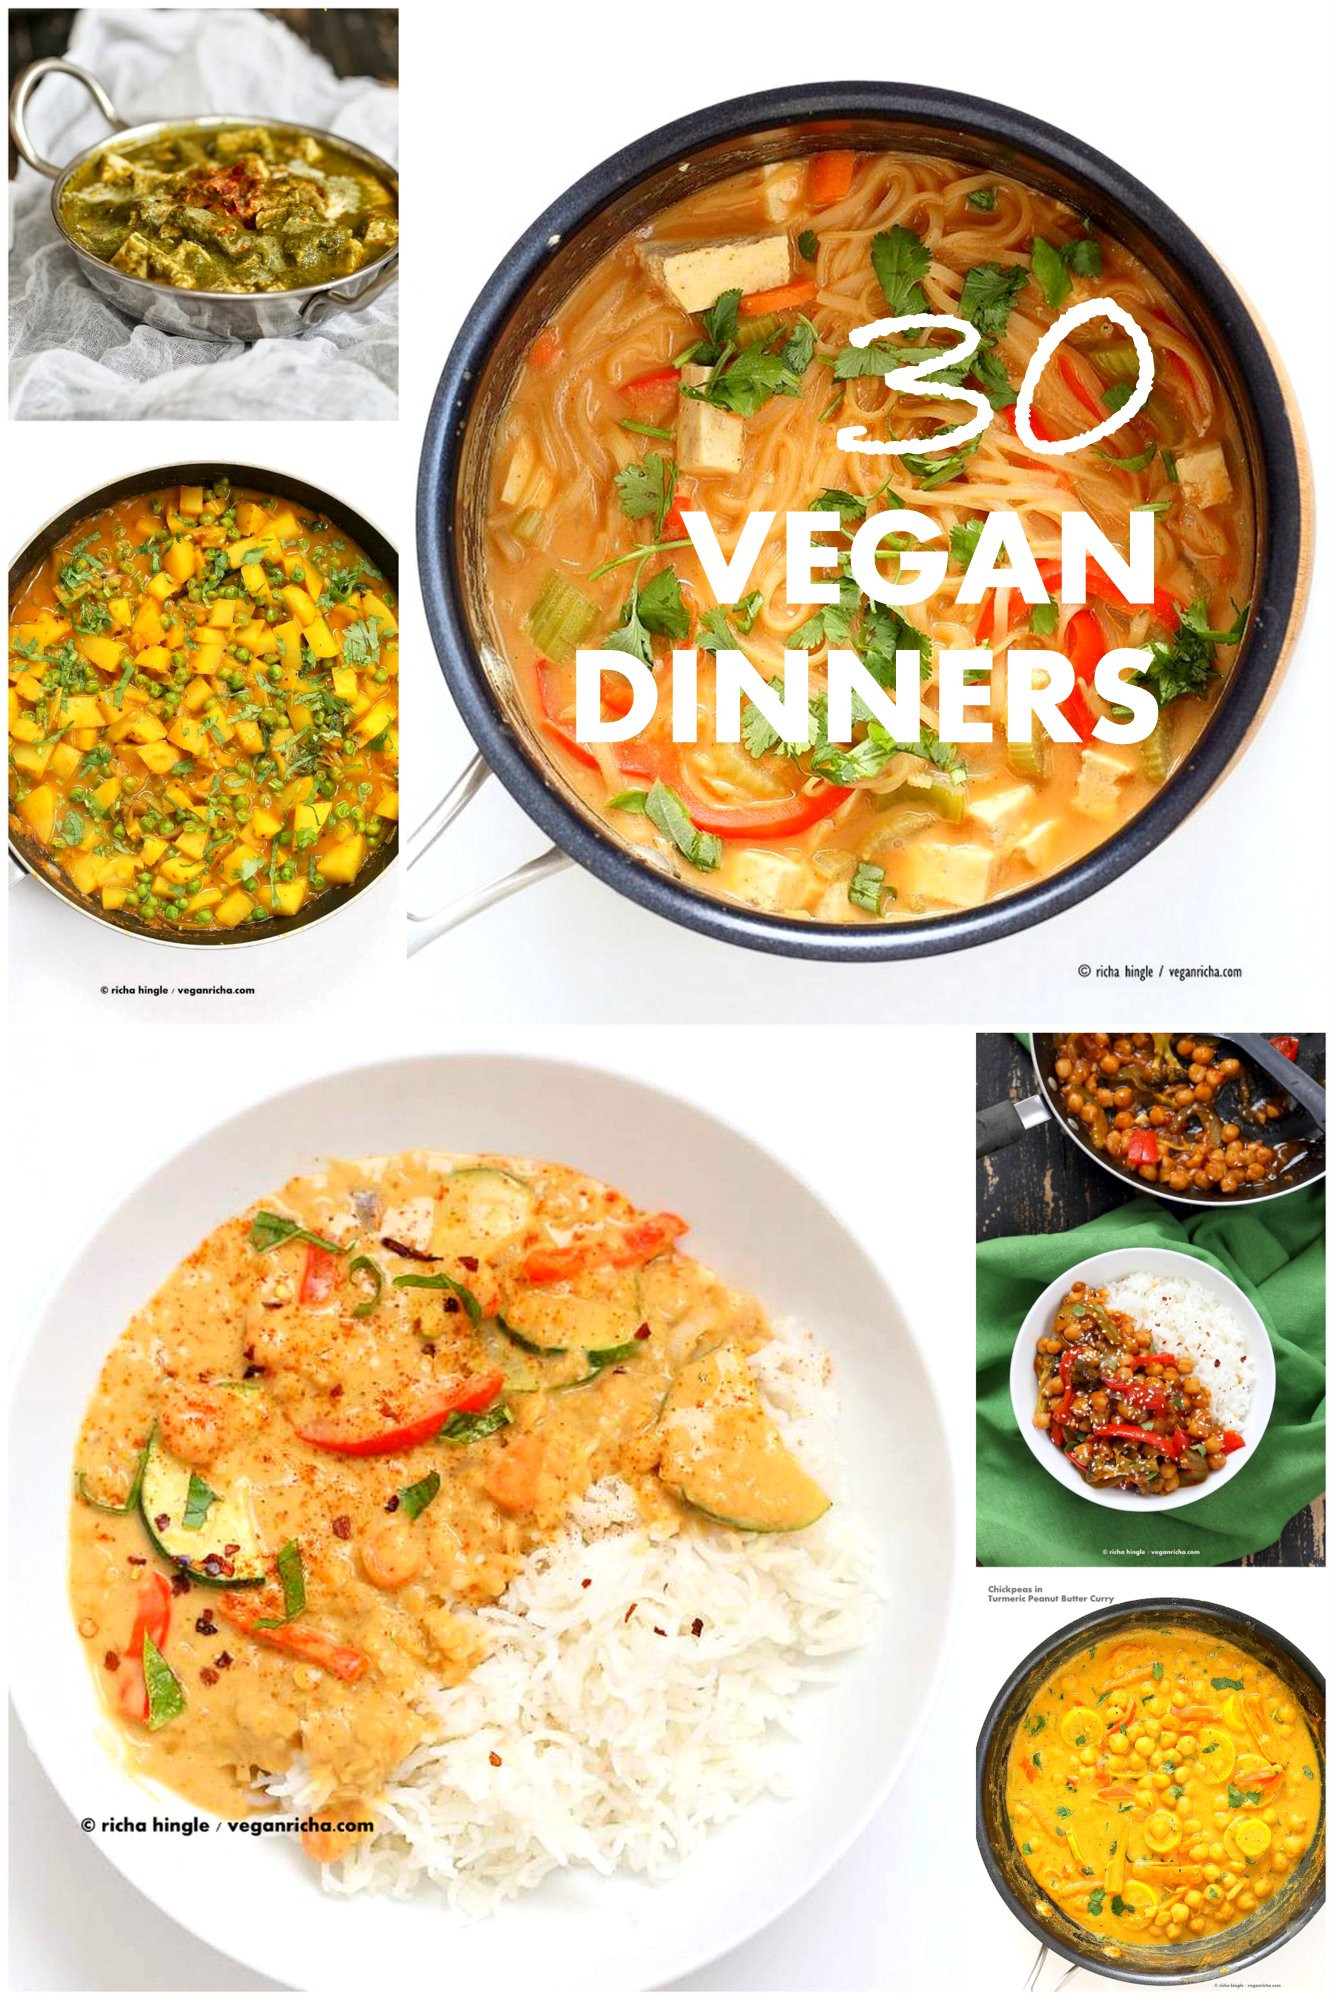 Easy Vegan Dinner Recipes  30 Easy Vegan Dinner Recipes Vegan Richa